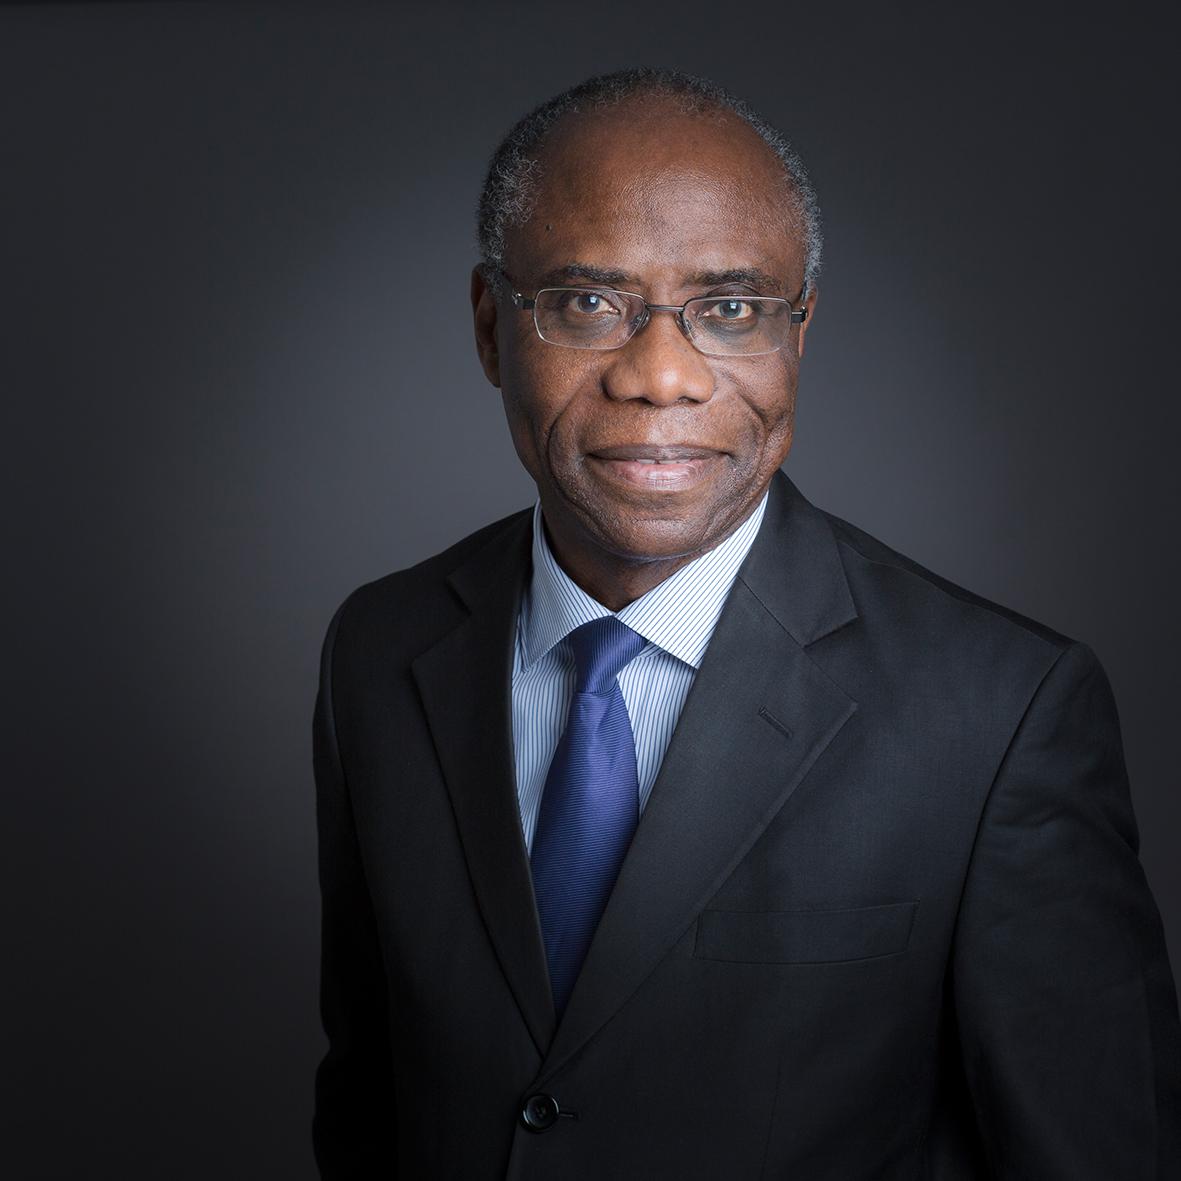 Le Béninois Arnauld Akodjenou, Coordinateur régional et conseiller spécial du Haut Commissariat des Nations unies pour les réfugiés (HCR) du Sud-Soudan.